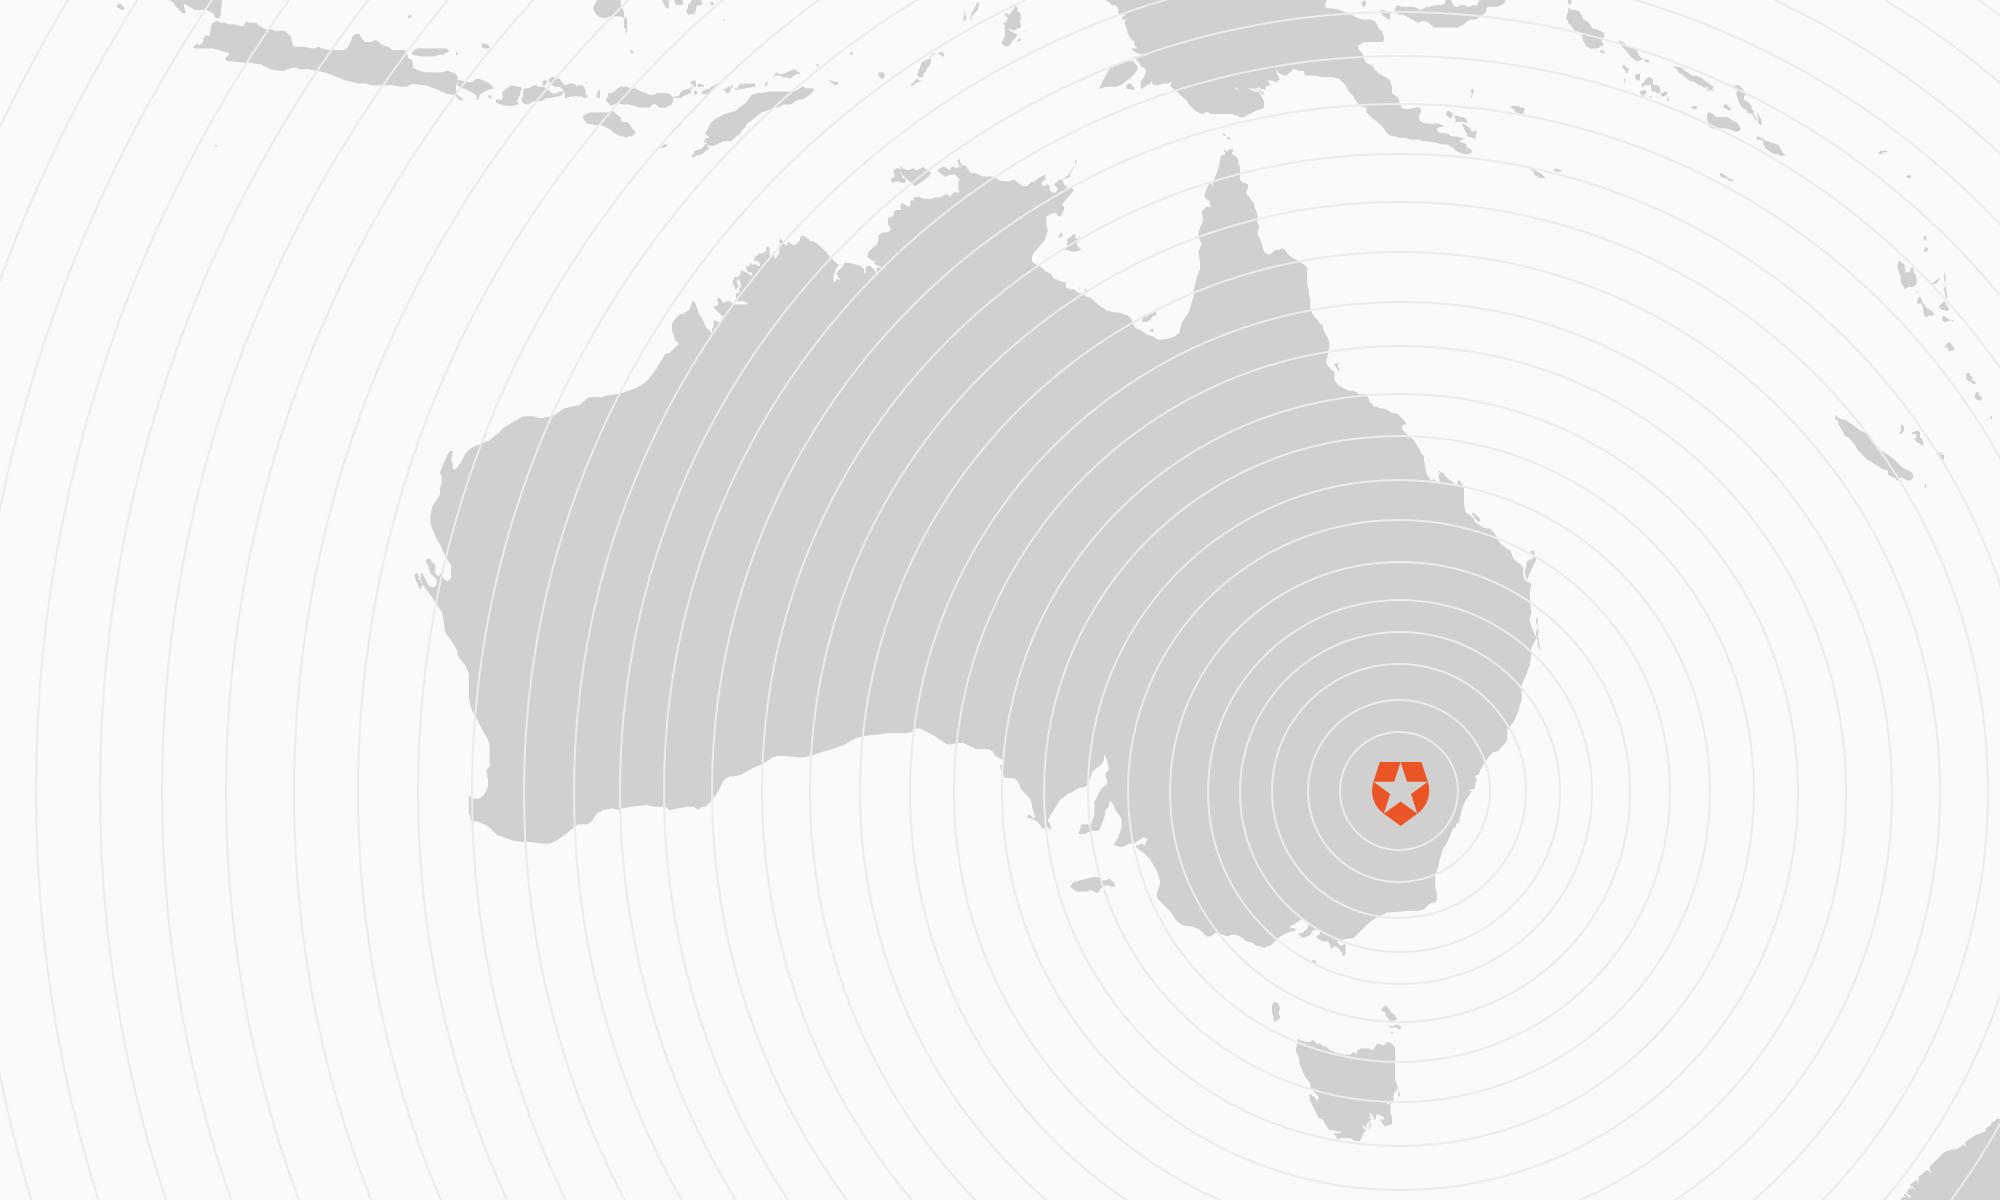 auth0 australia